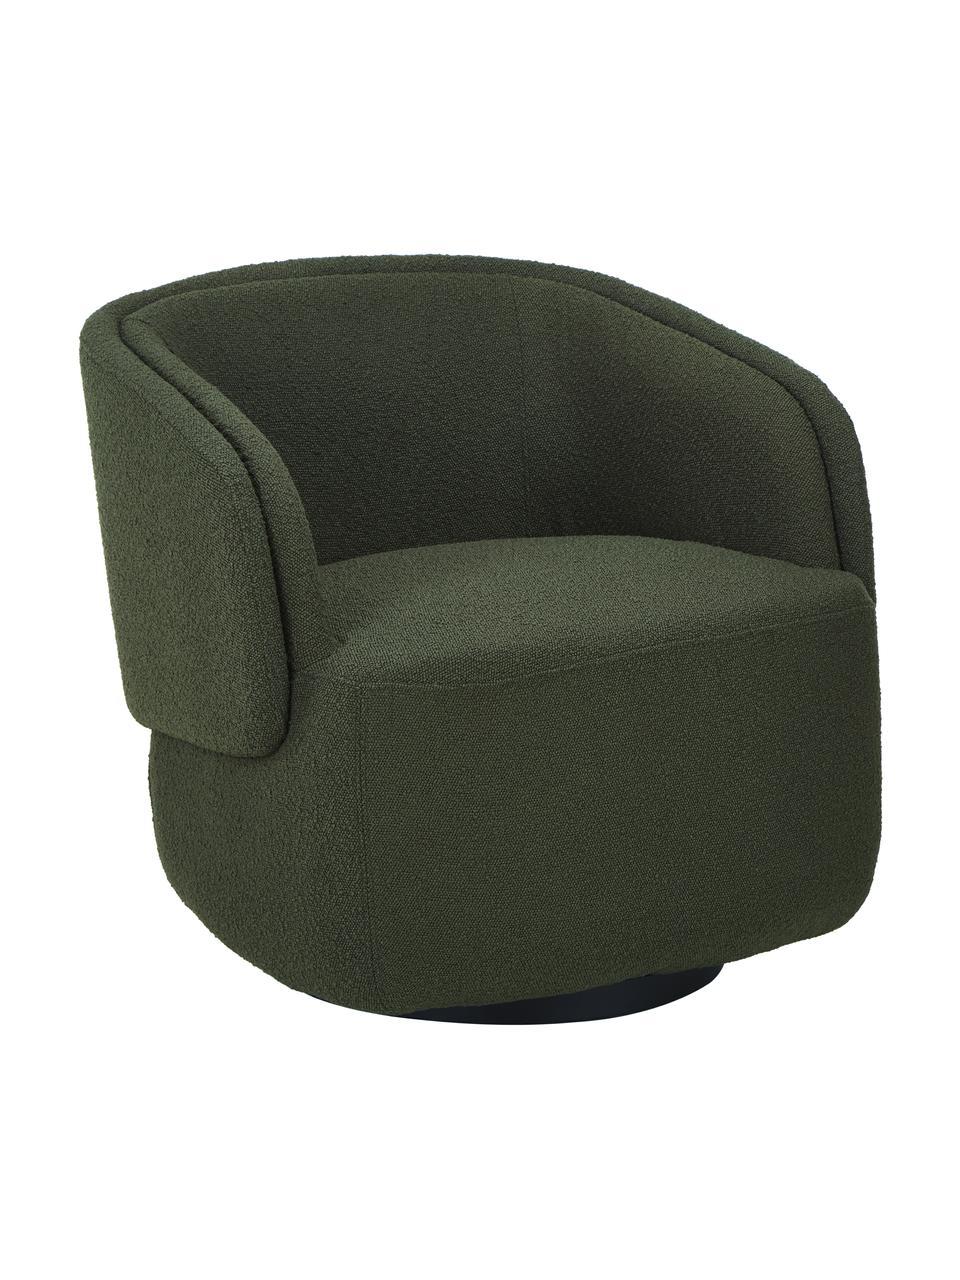 Fotel obrotowy bouclé Irene, Tapicerka: bouclé (100% poliester) D, Ciemny zielony, S 74 x G 70 cm